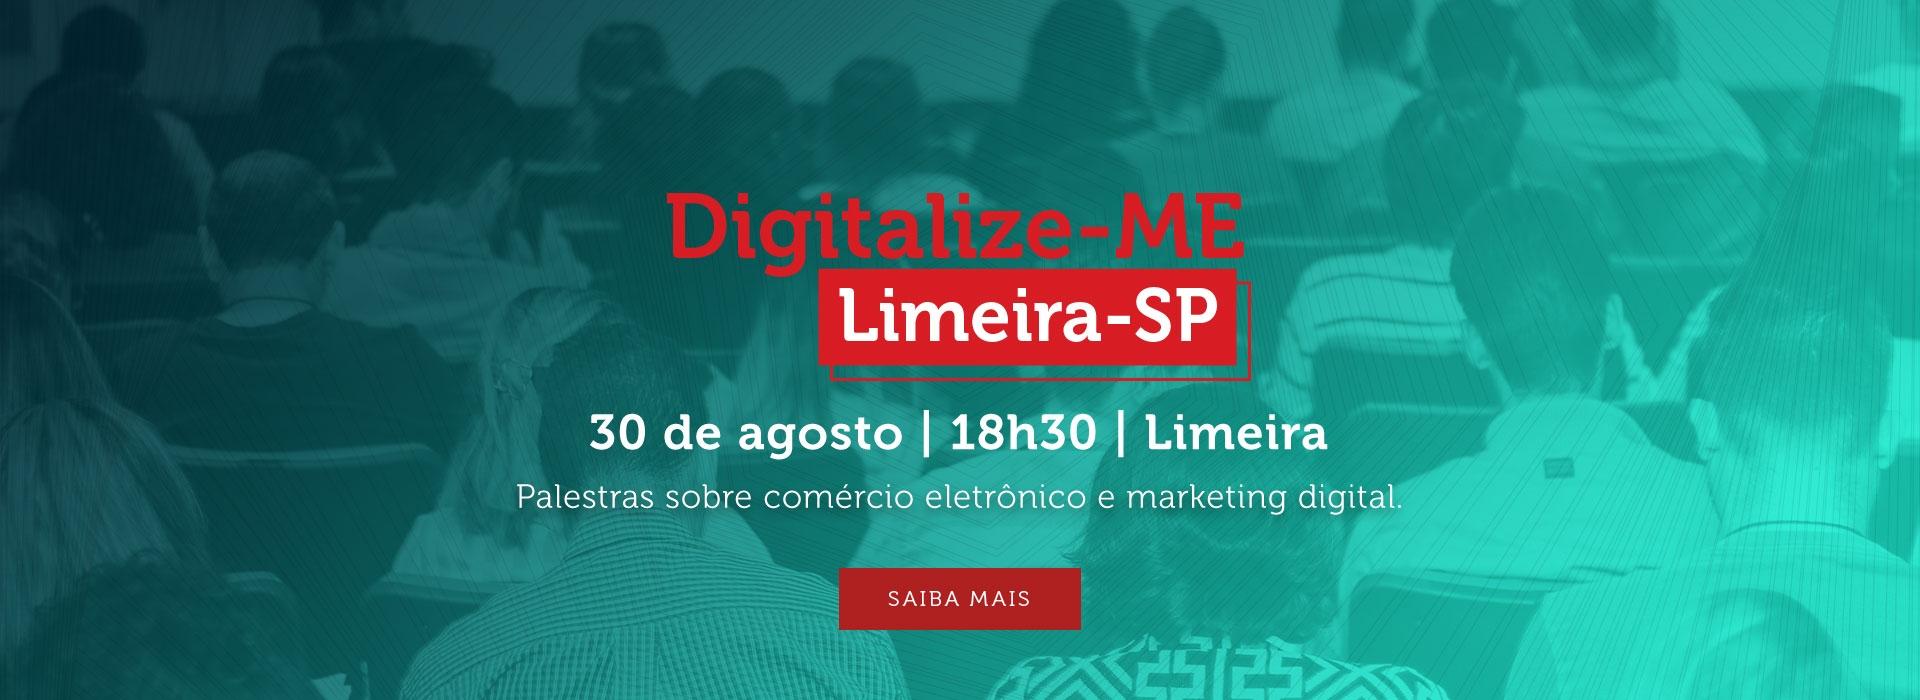 Digitalize-ME Socialtriz